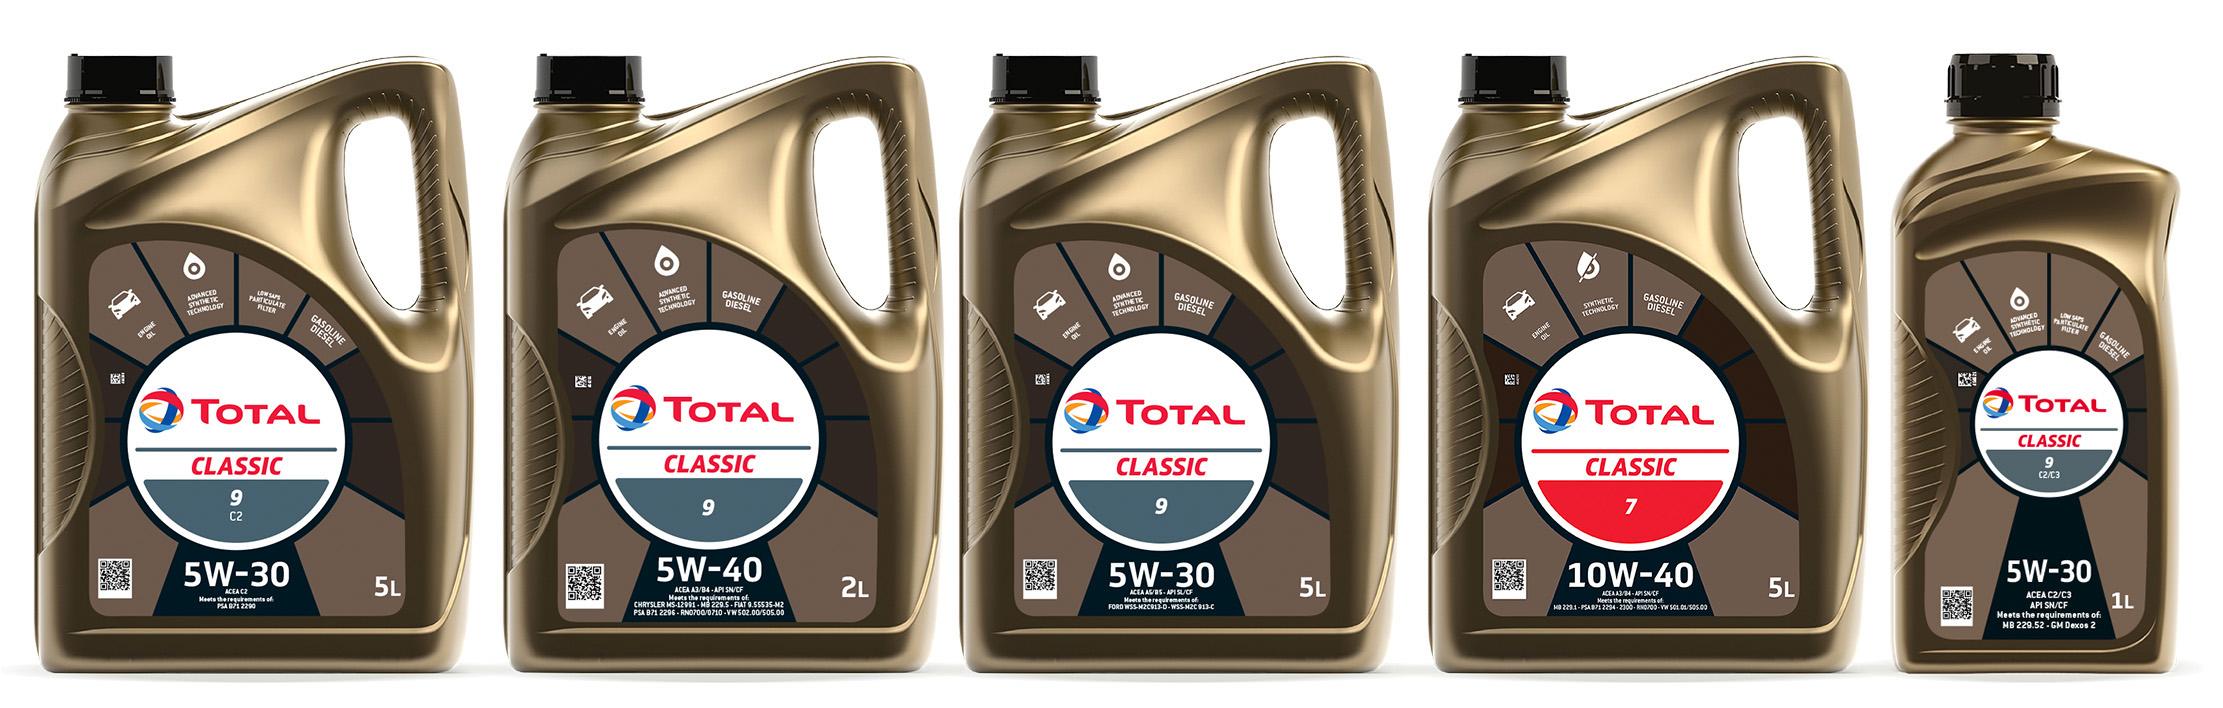 Линейка моторных масел TOTAL CLASSIC обновила дизайн упаковки